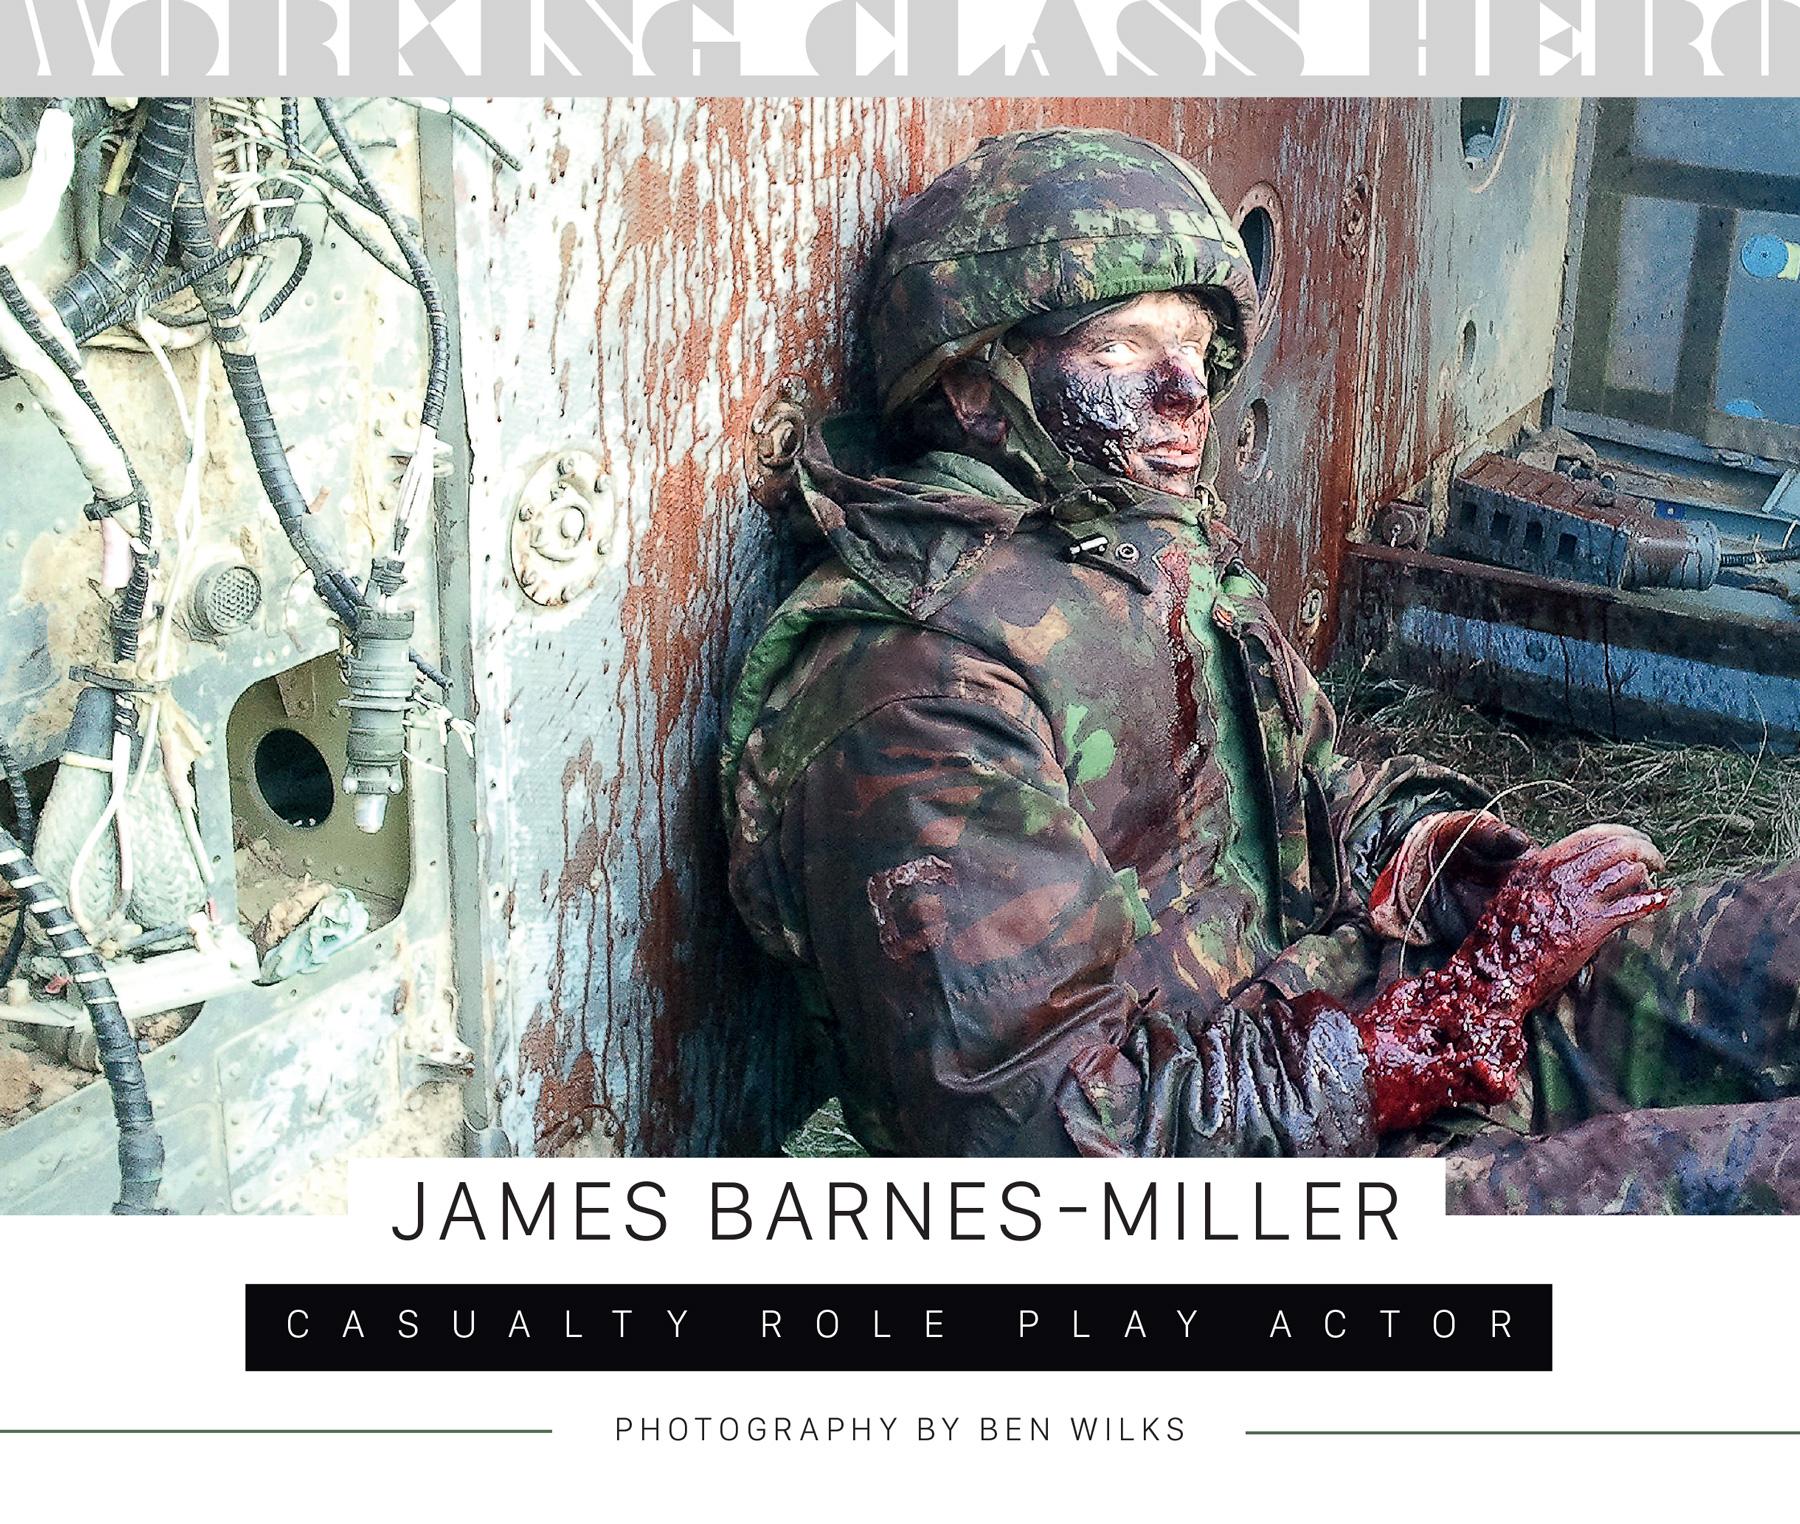 Working Class Hero – James Barnes-Miller